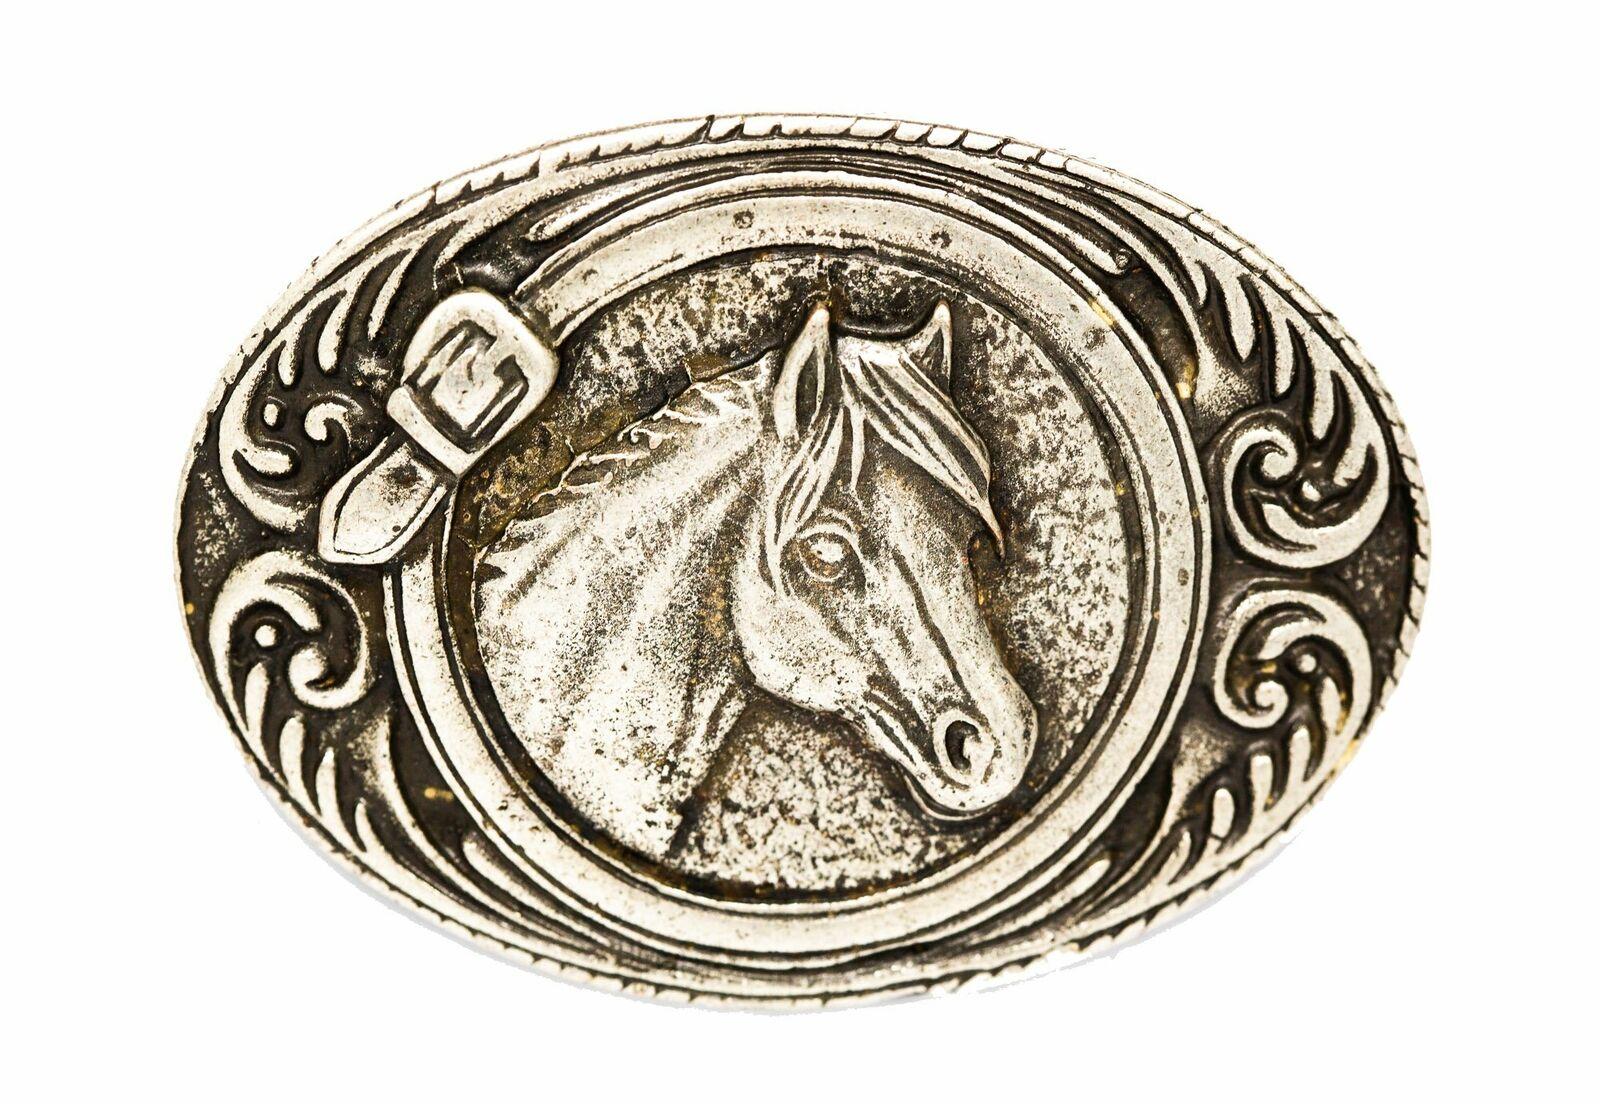 Gürtelschließe Gürtelschnalle Schnalle Buckle Pferd grau/silber für 4 cm breiten